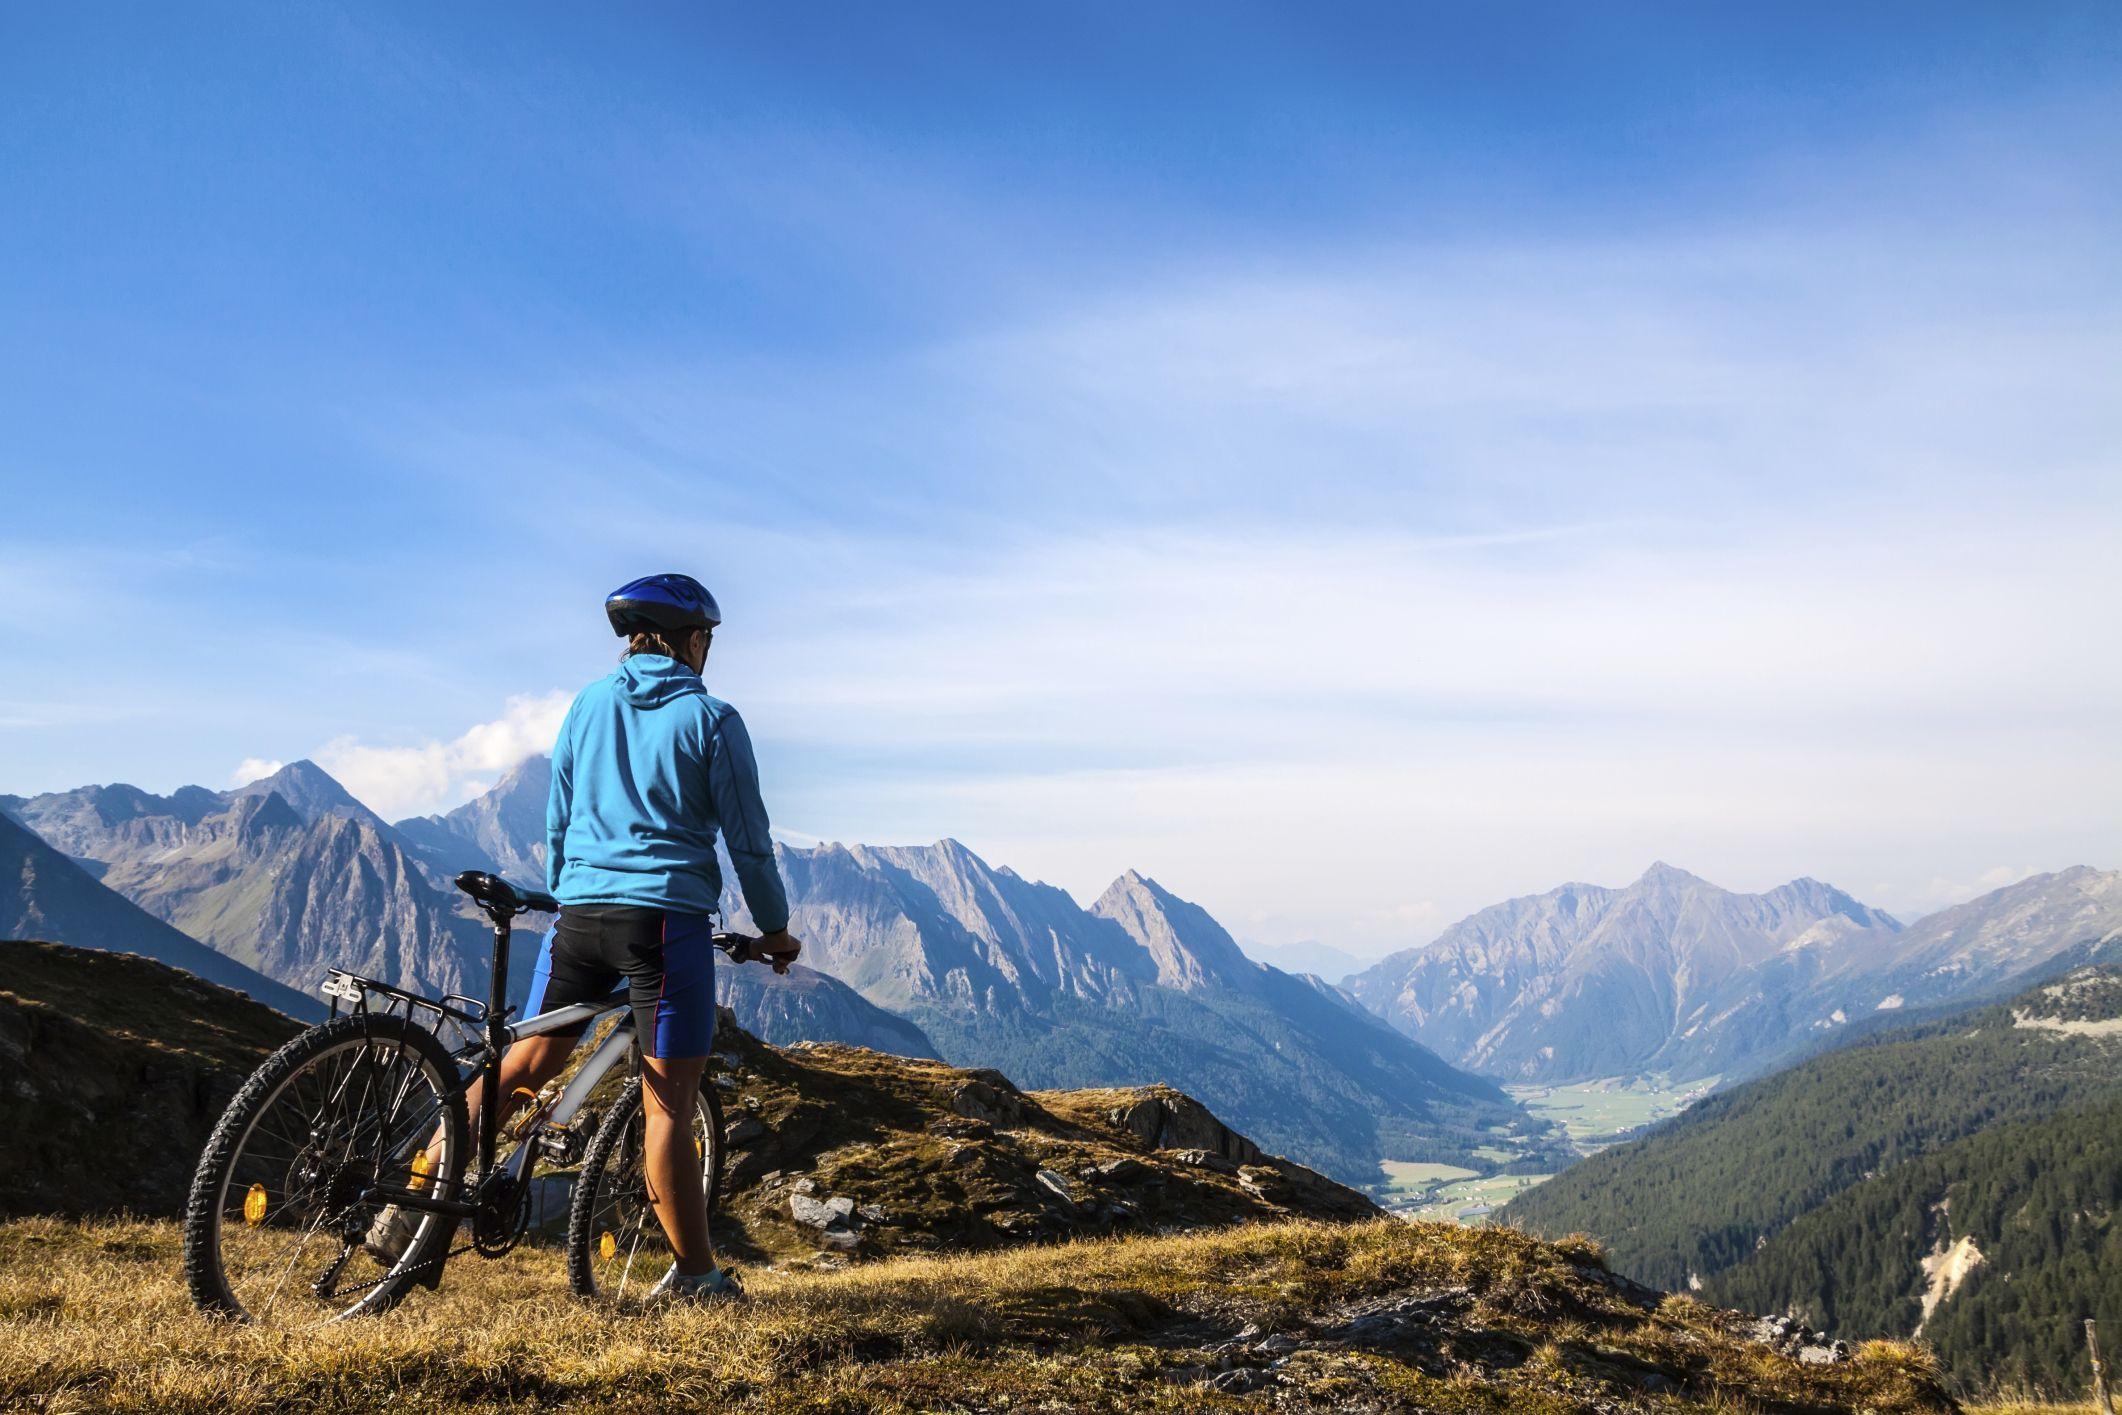 Tunear Bicicleta De Niño: ¿Qué Equipaje Llevar Si Haces El Camino En Bicicleta?